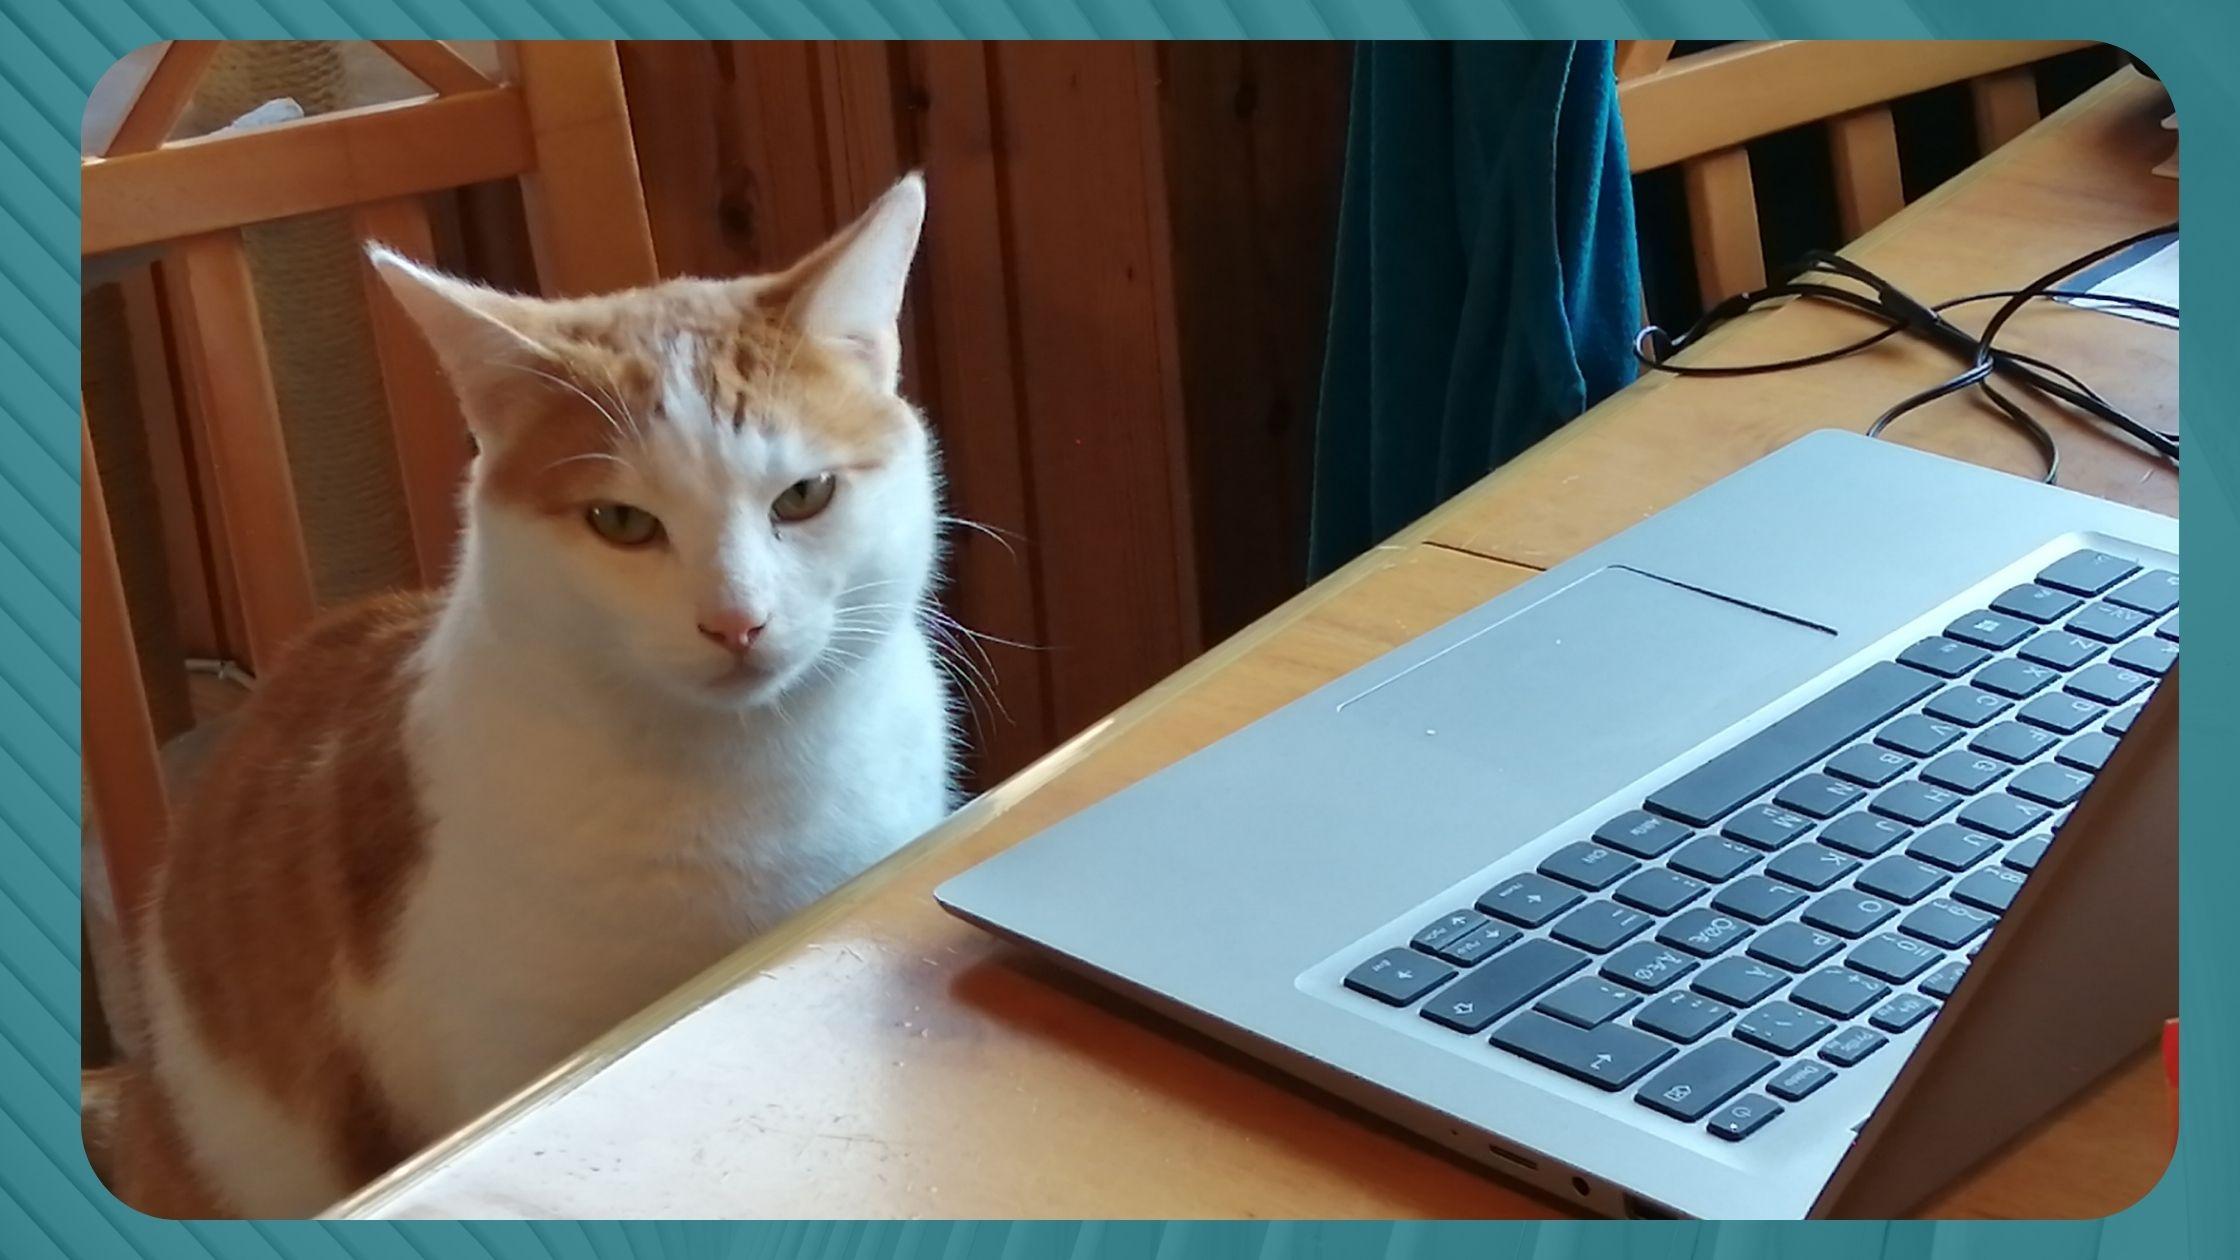 Kissa tietokoneen äärellä.